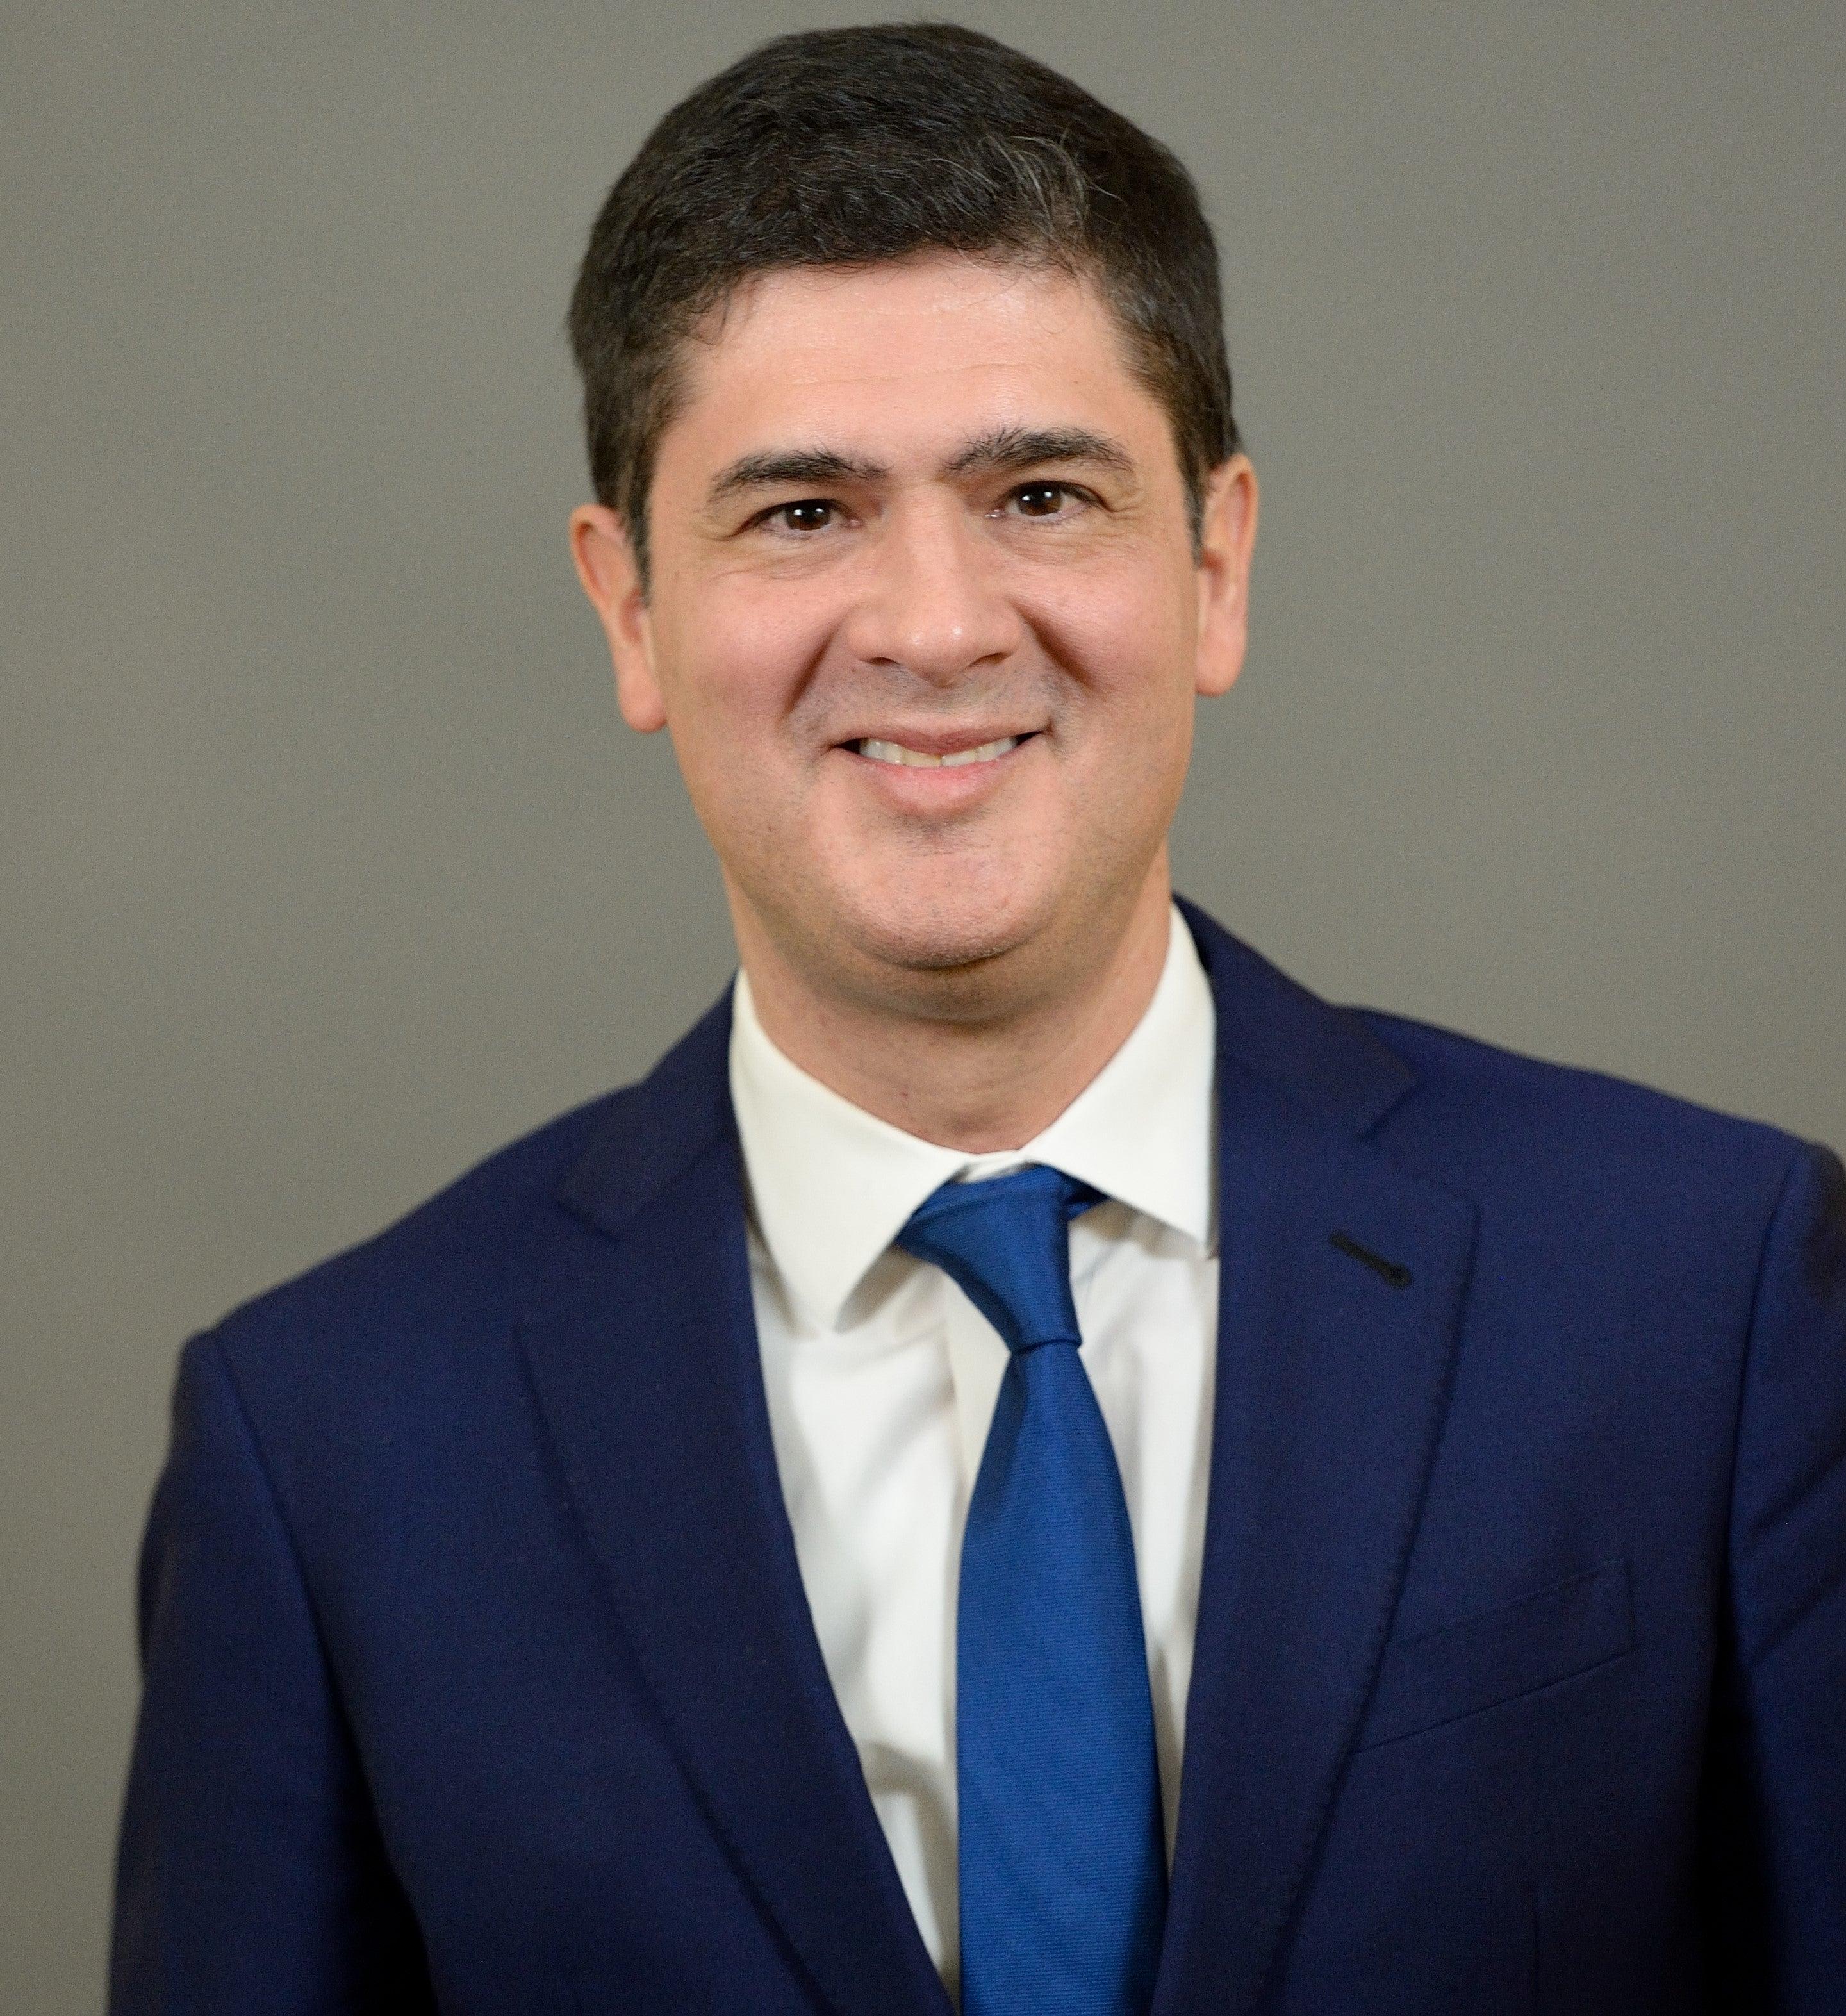 A portrait of Javier Santivanez